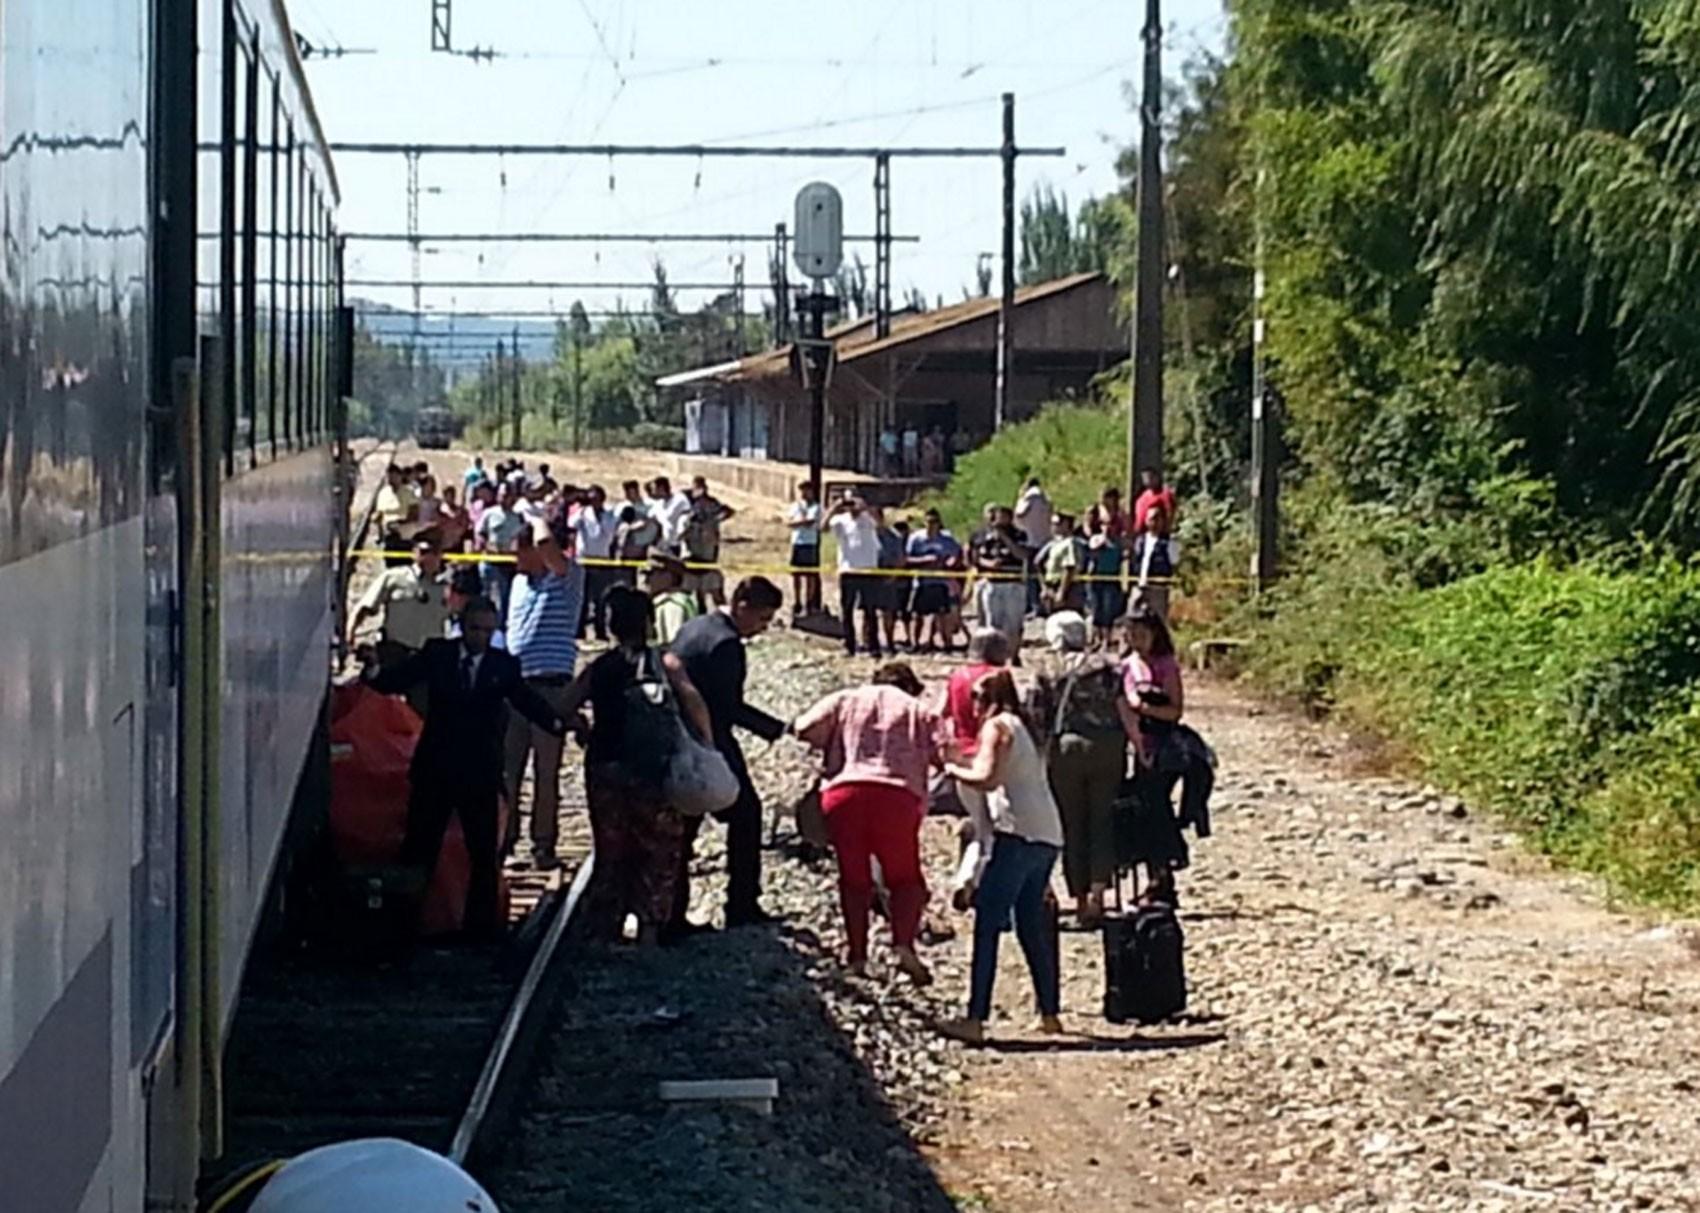 Trem é evacuado após colidir com carro no Chile (Foto: Reprodução/Twitter/Djofre)